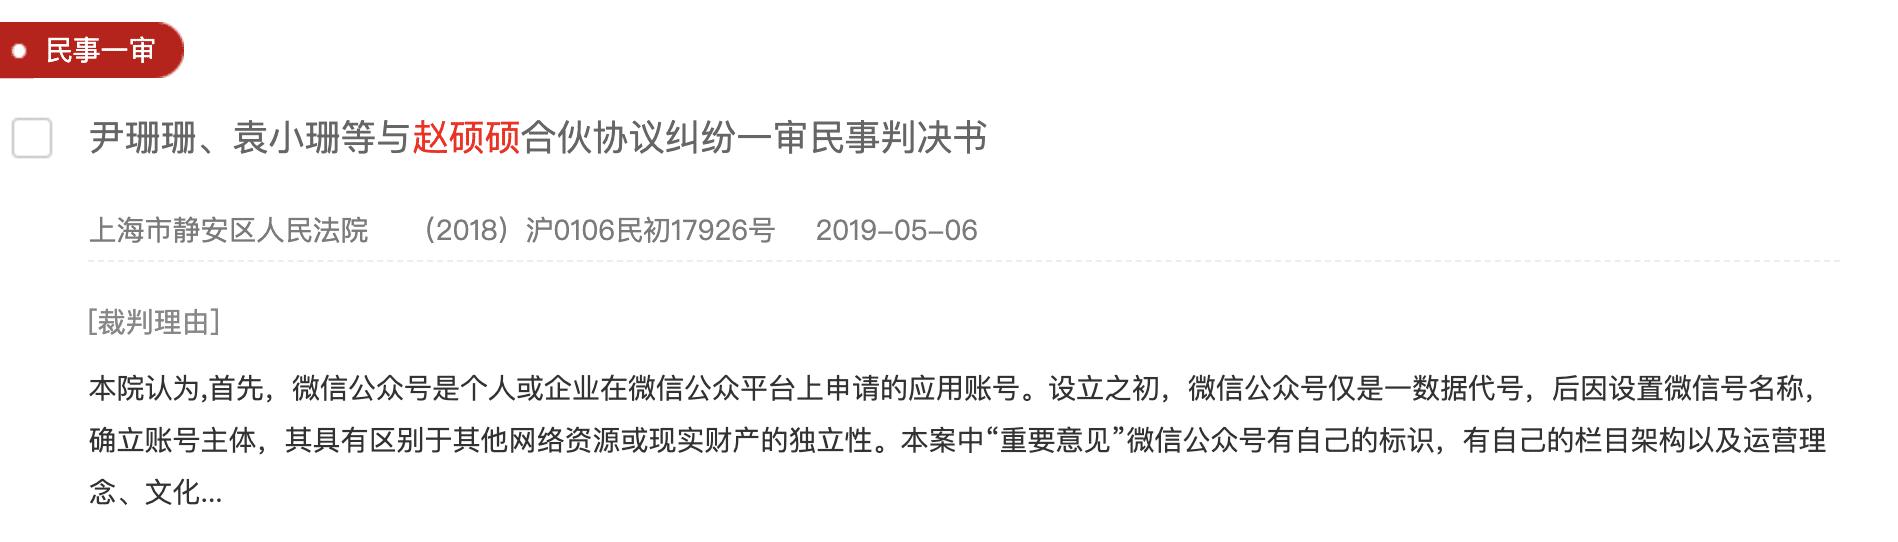 上海二中院最新判决:微信公众号系网络虚拟财产